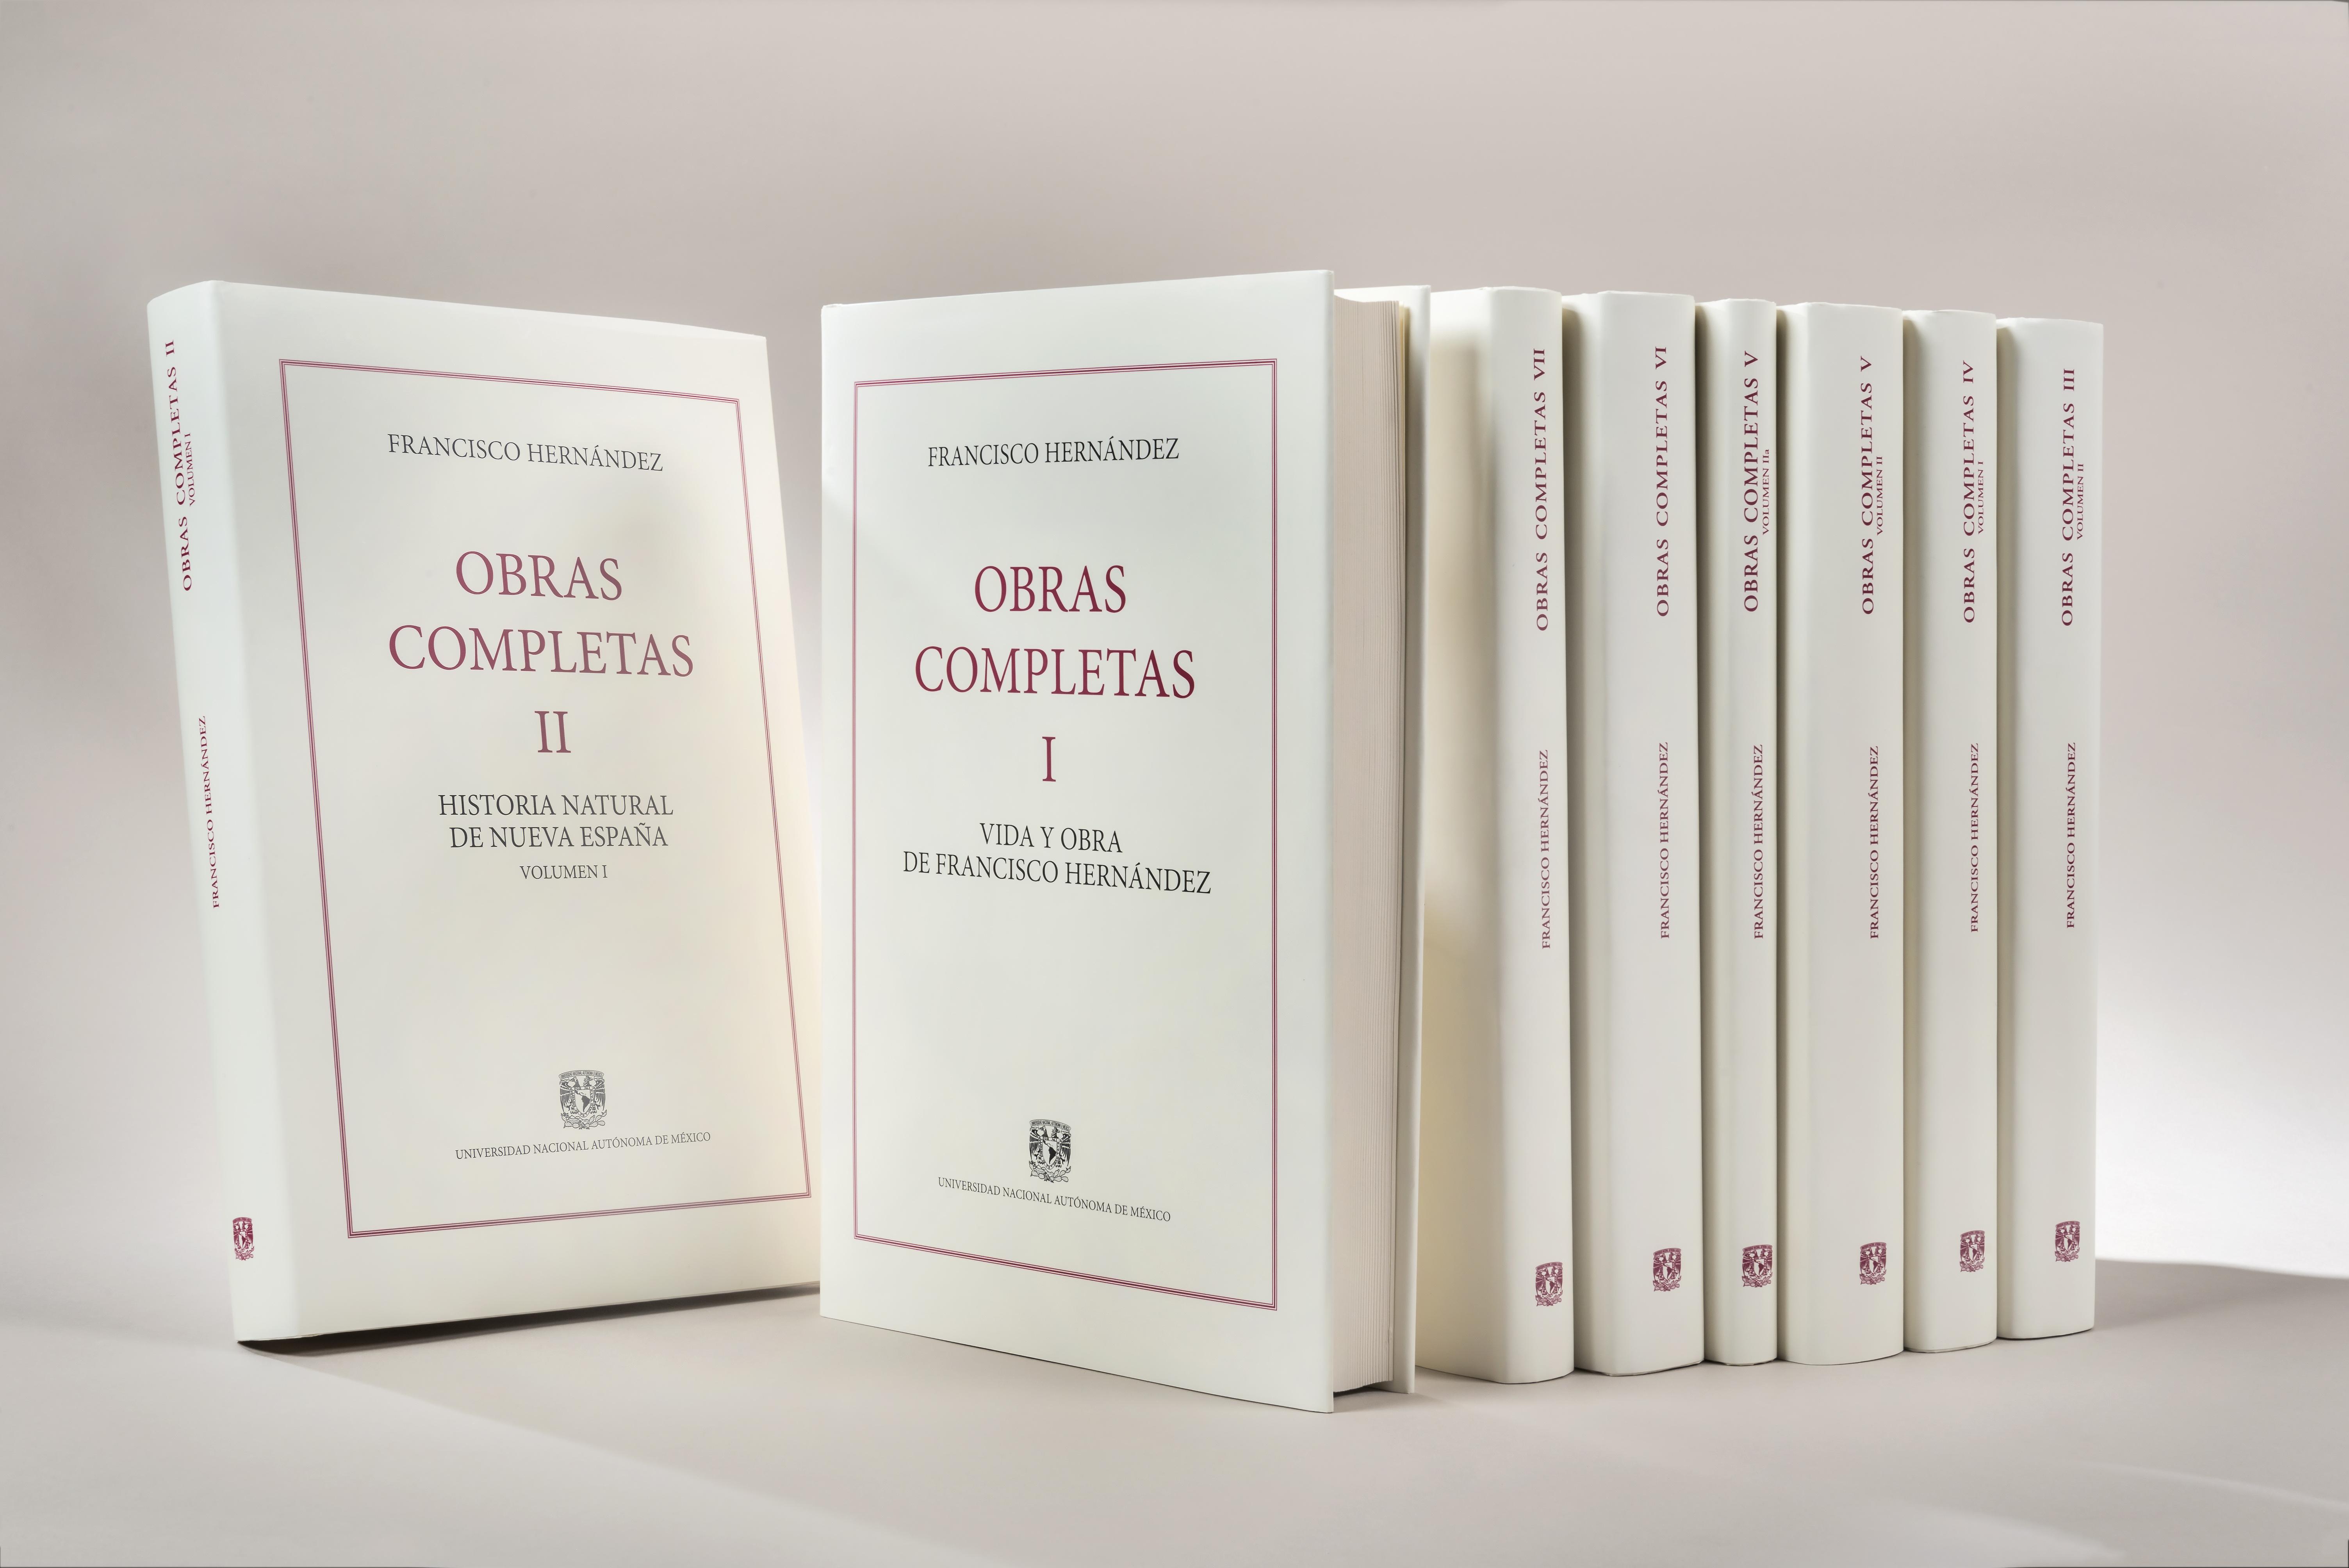 Obras completas de Francisco Hernández (8 volúmenes)